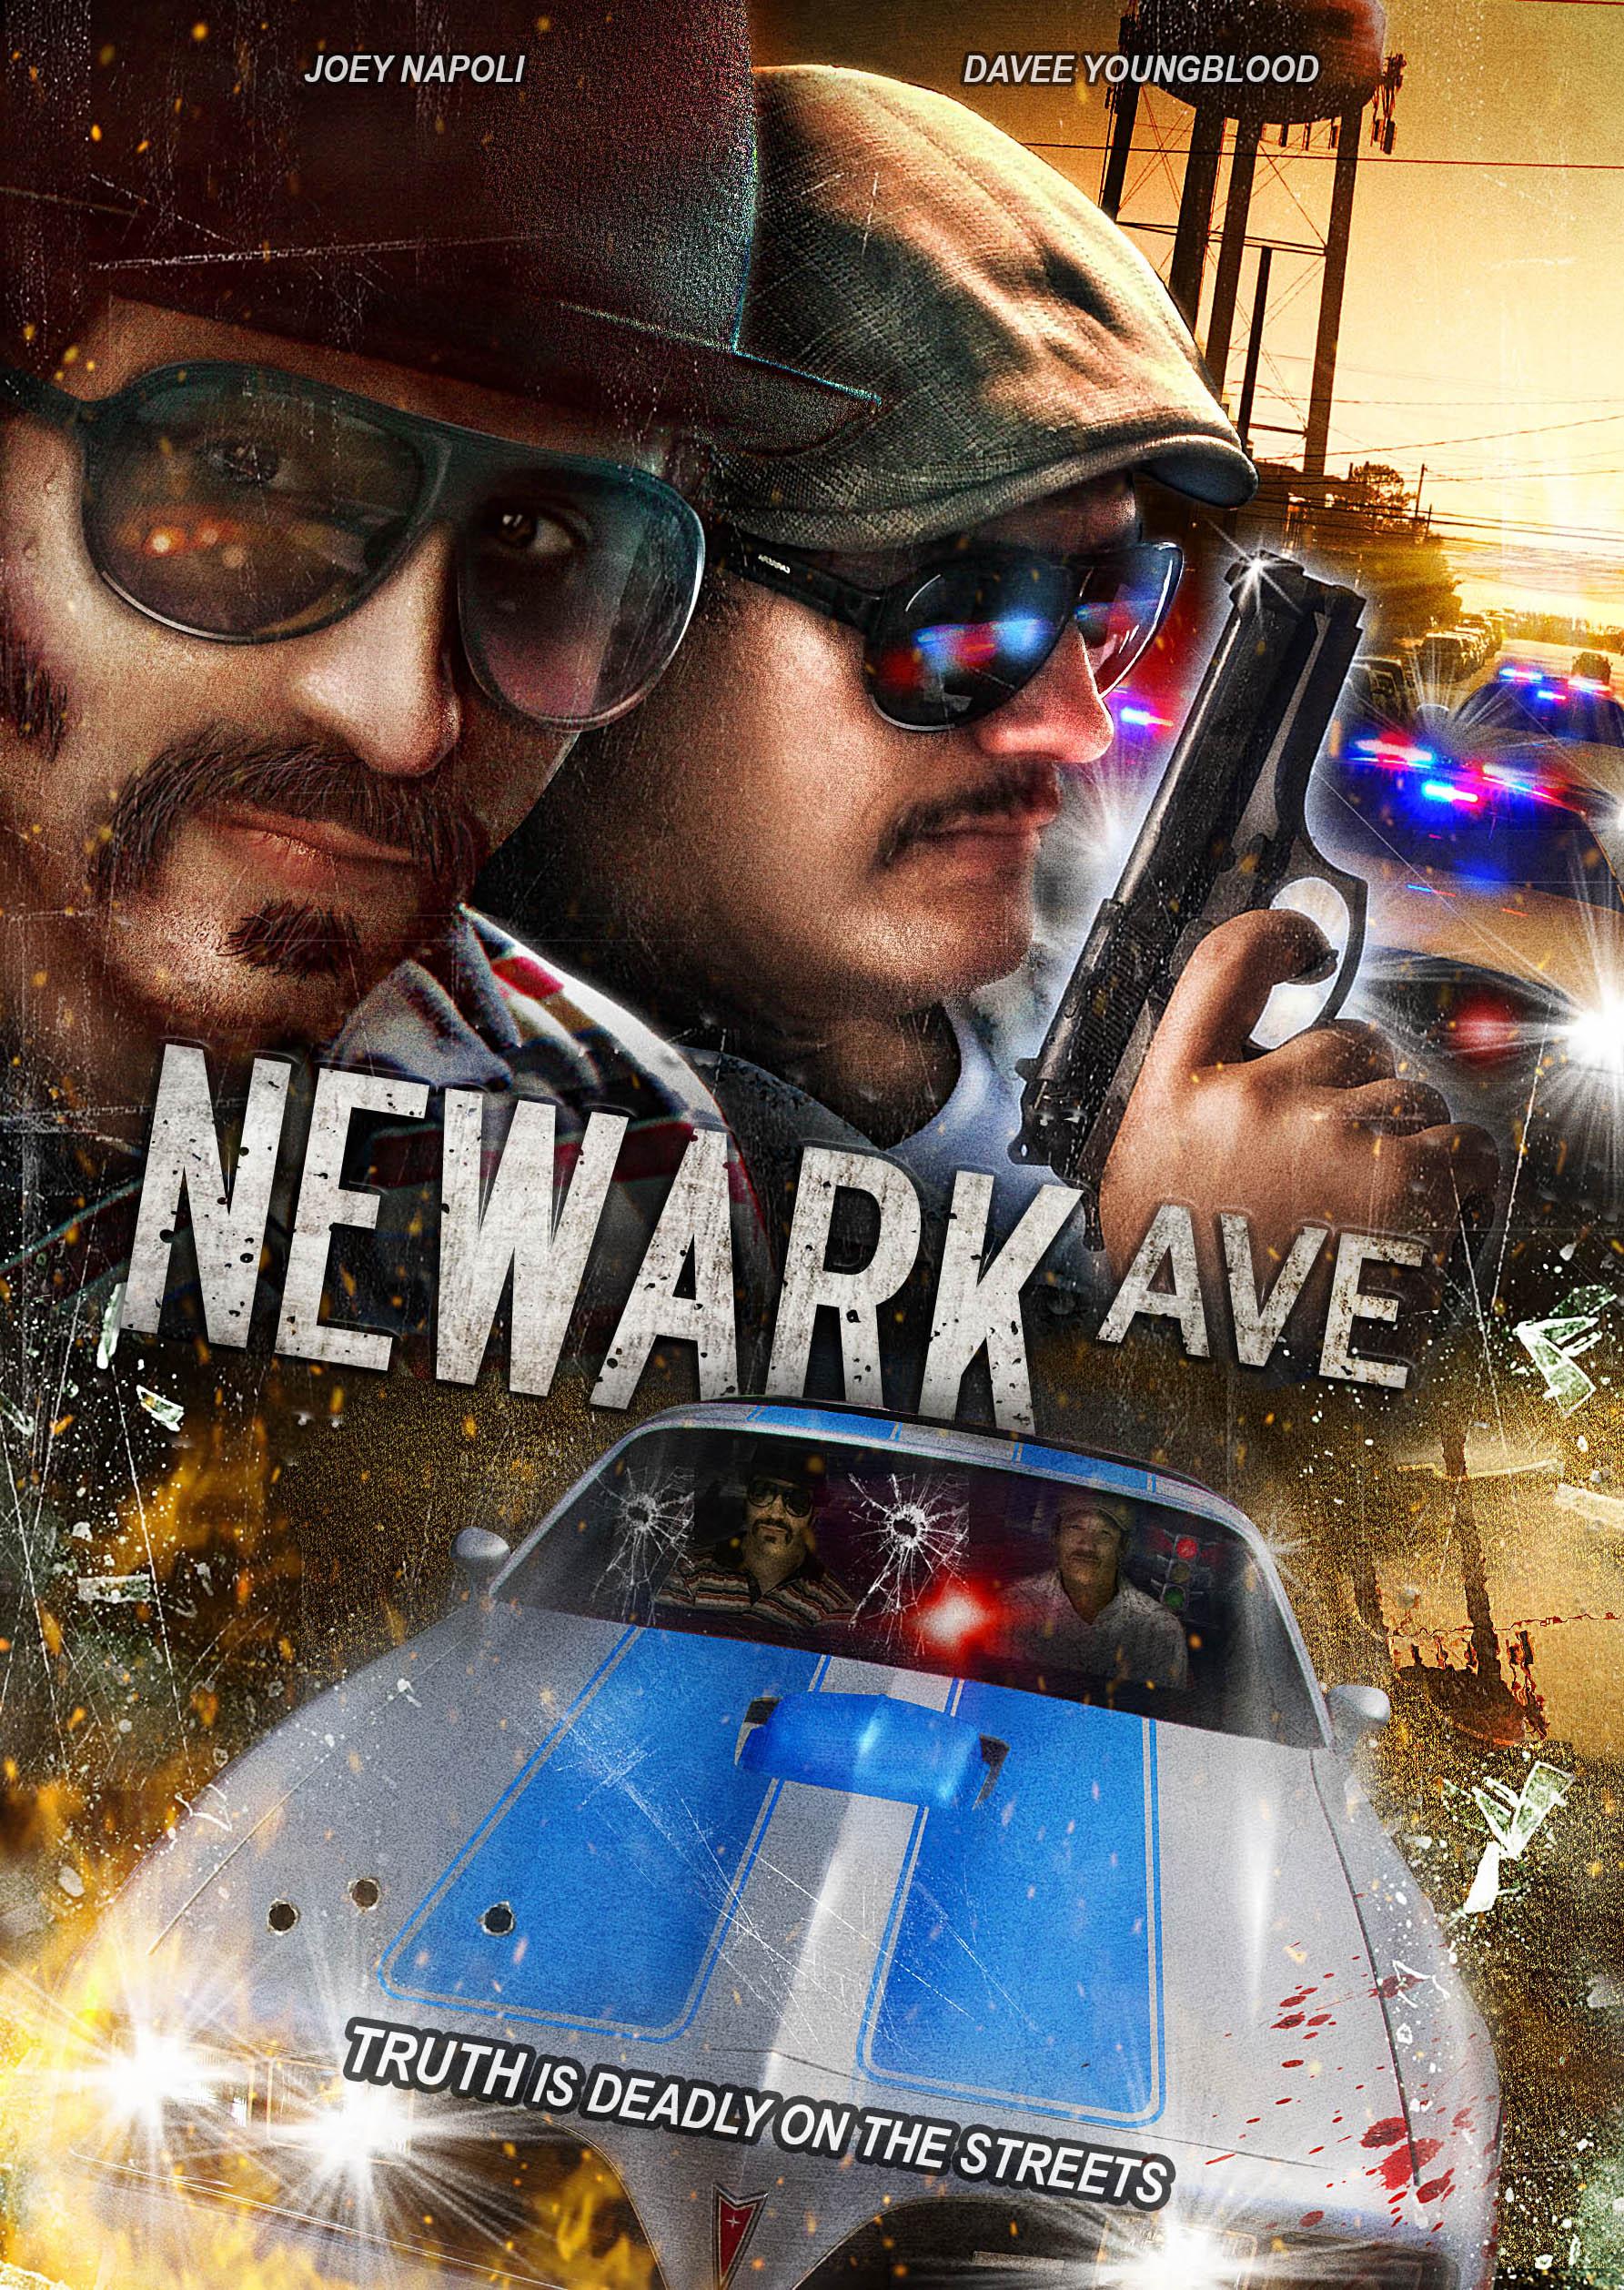 Newark Ave